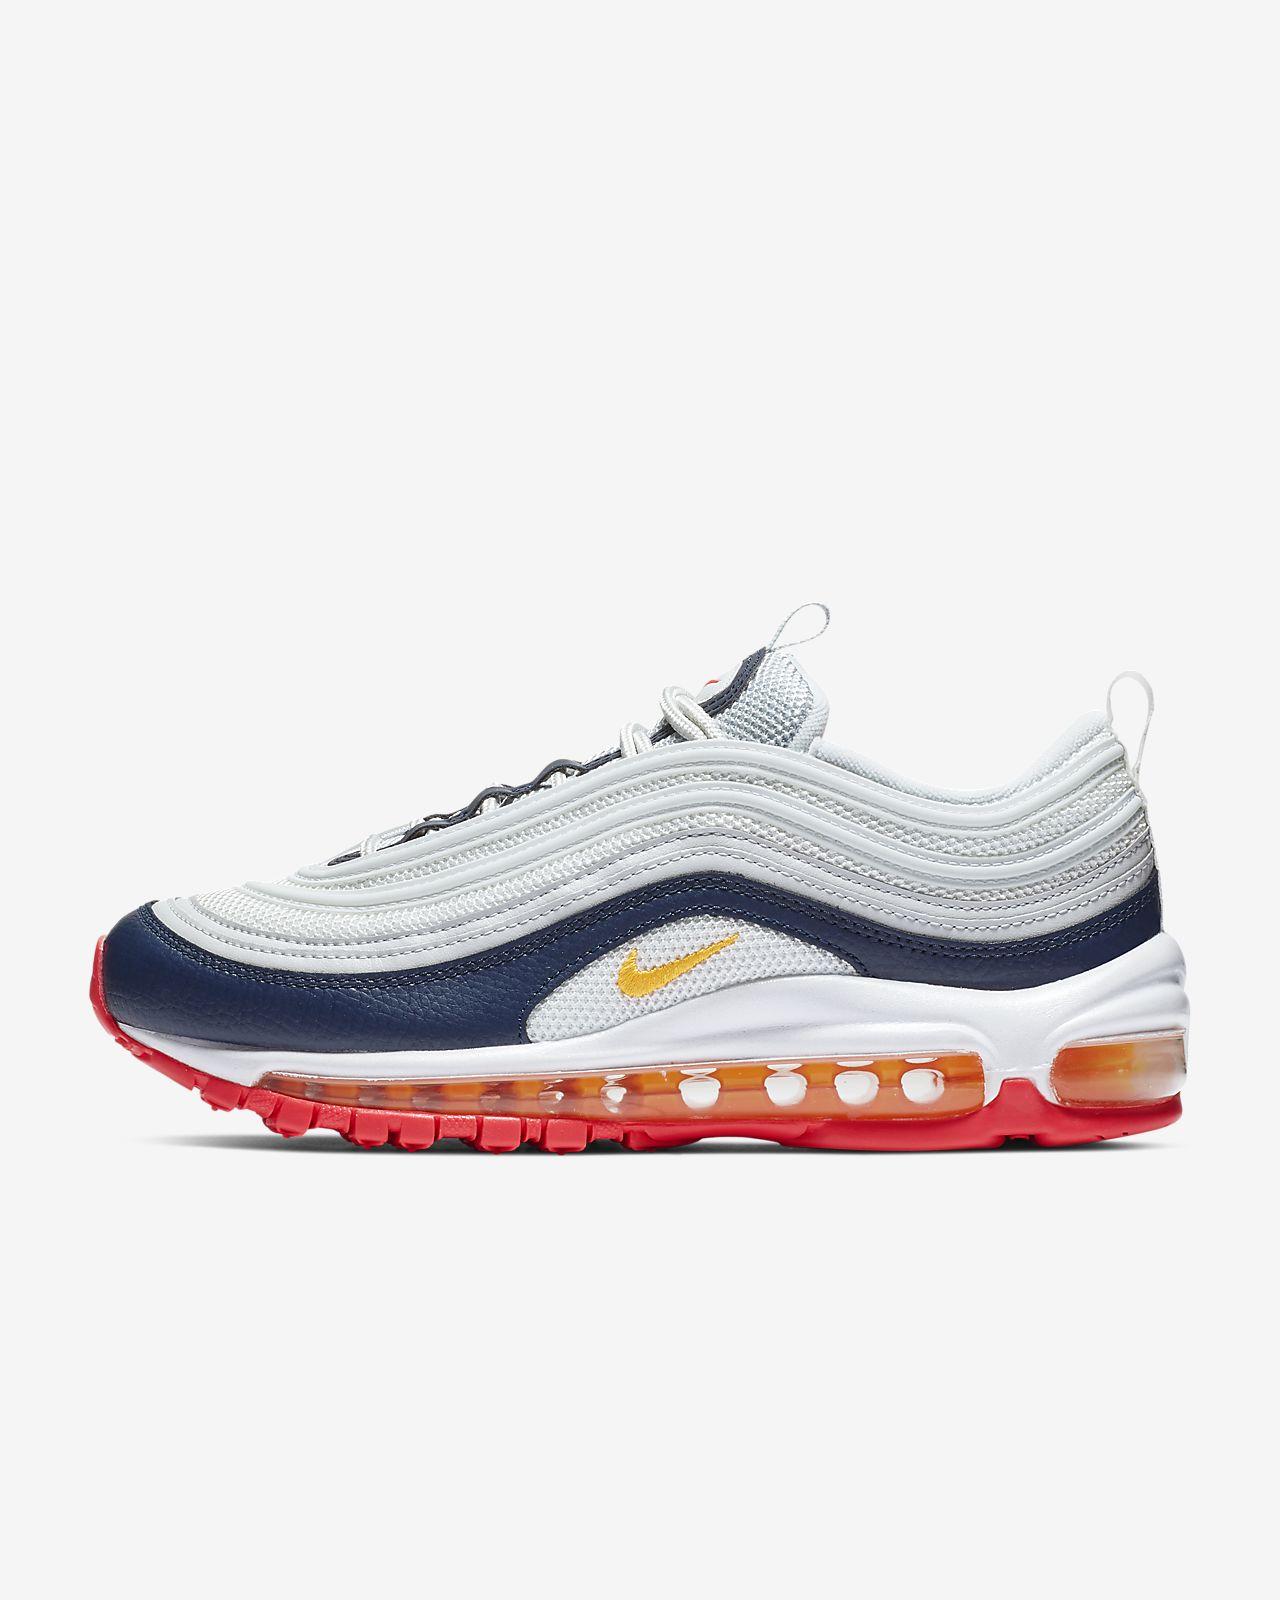 online store 0540b c6e78 ... Chaussure Nike Air Max 97 Premium pour Femme